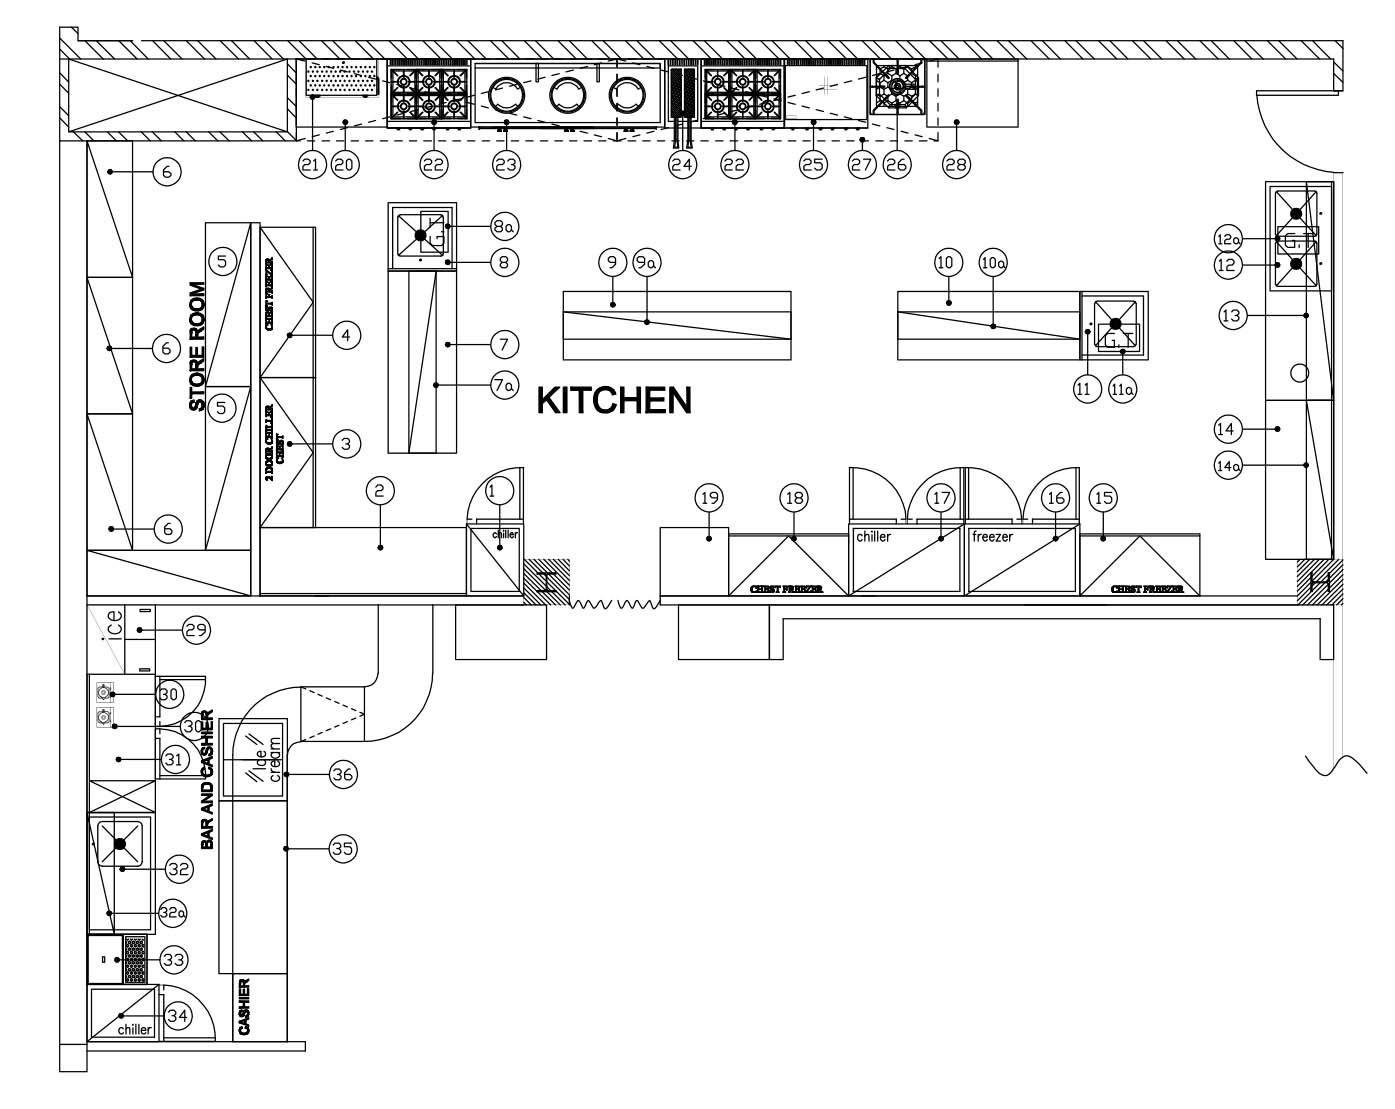 Pizza Kitchen Design Layout Cocina Industrial Planos De Cocinas Imagenes De Cocina